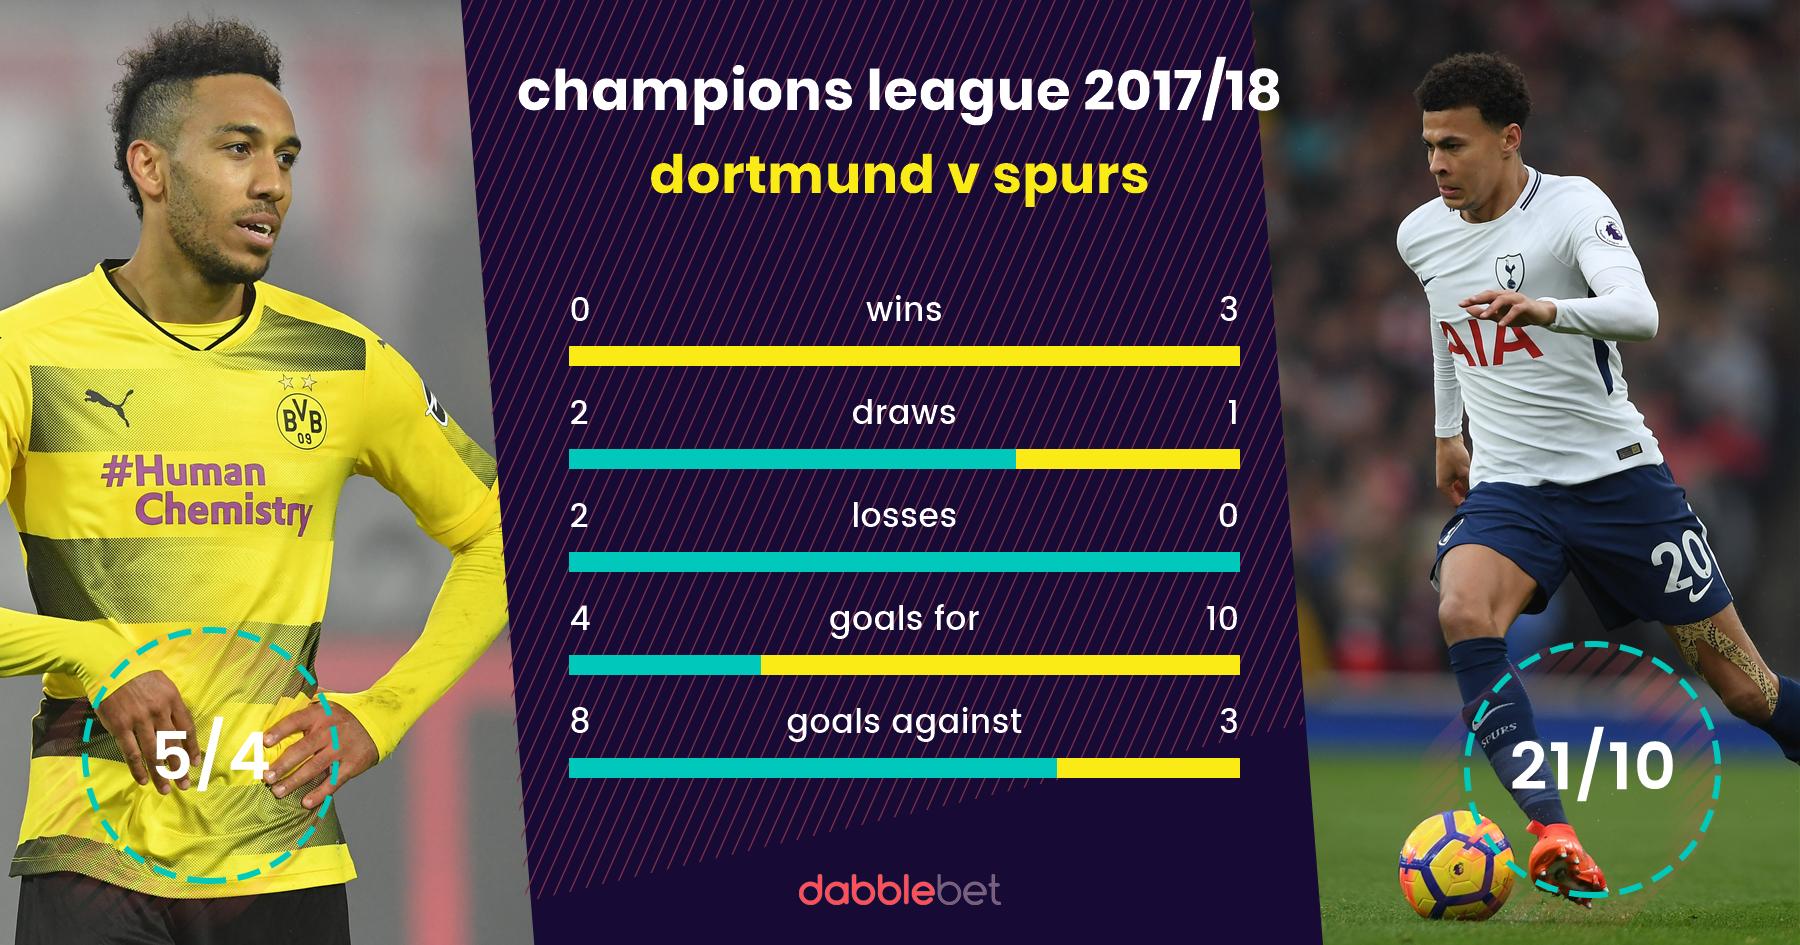 Dortmund spurs graphic